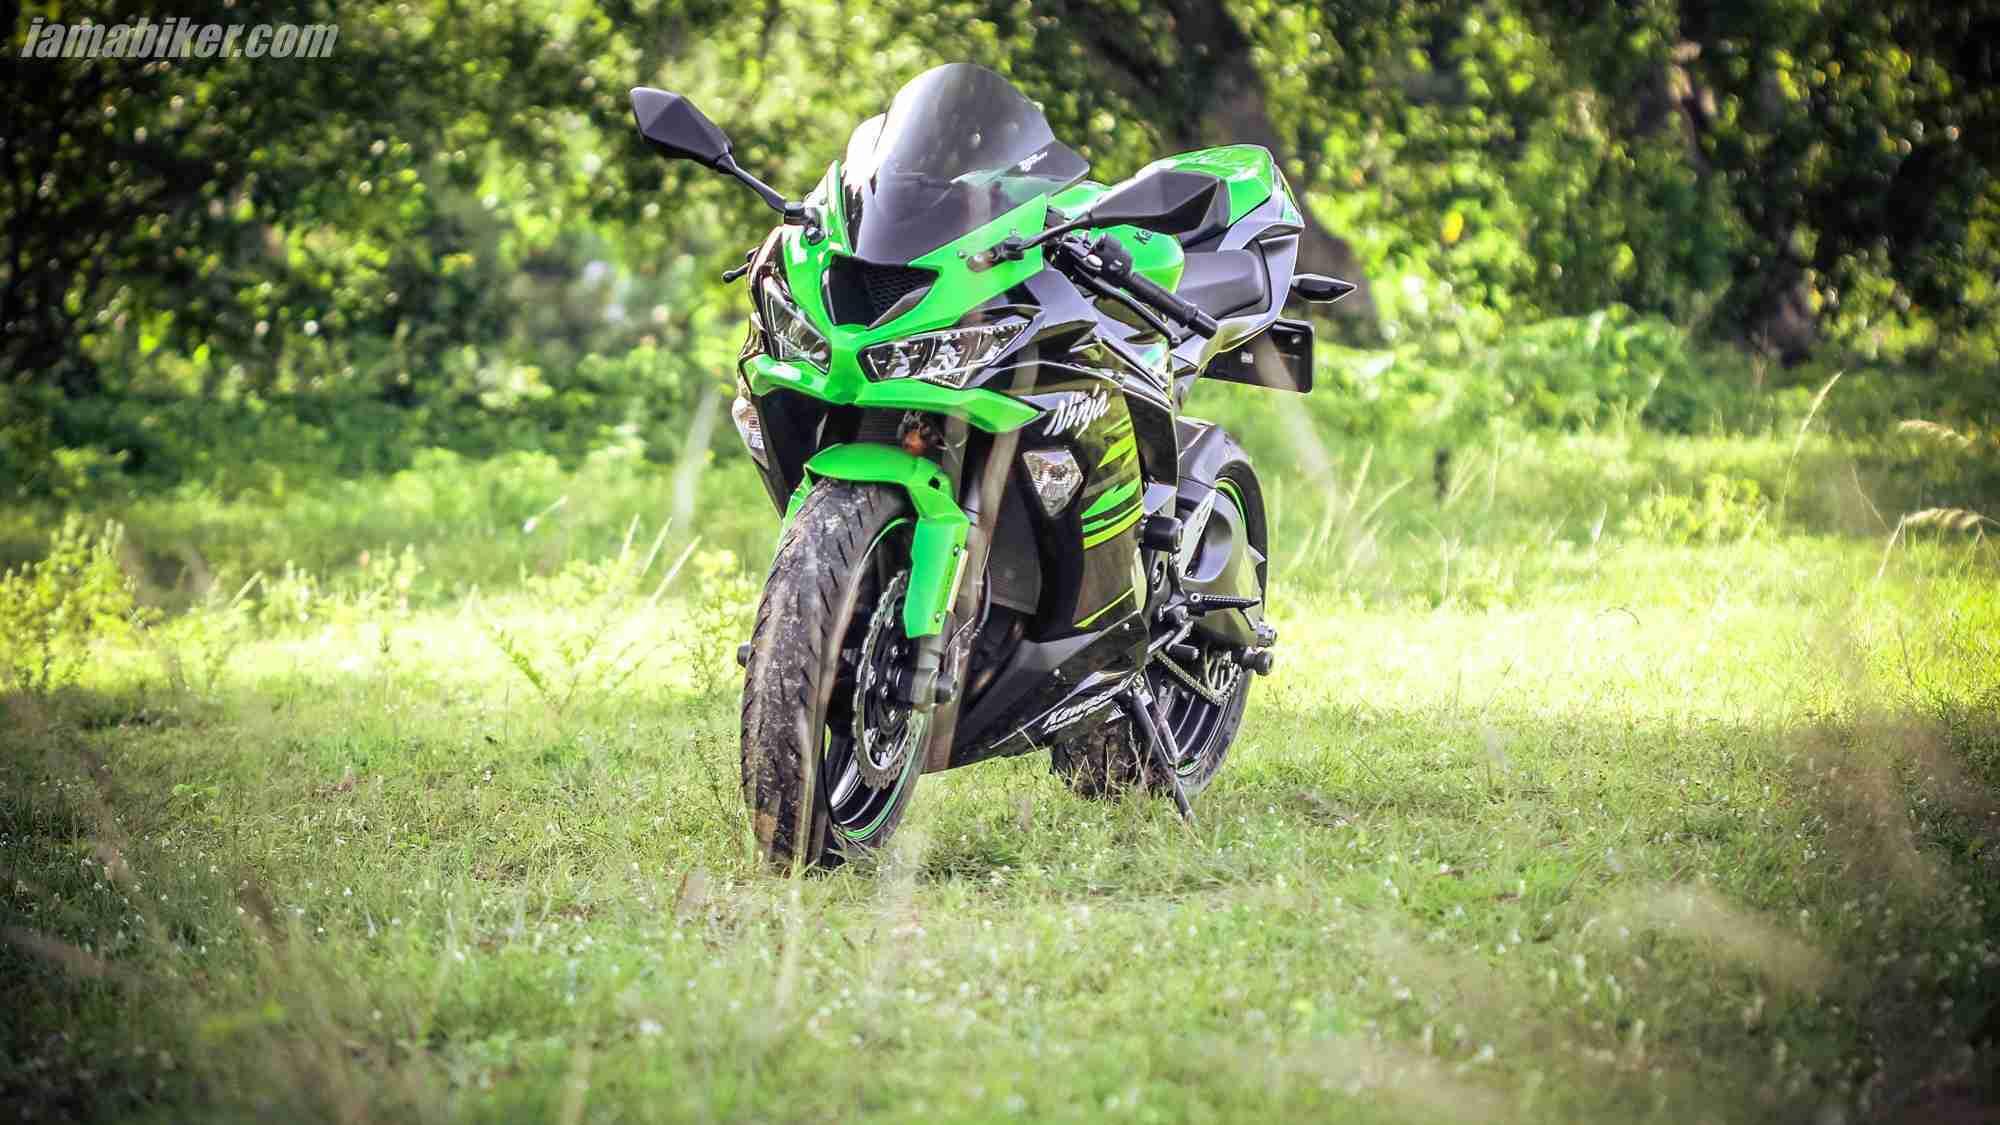 Kawasaki Ninja ZX-6R HD wallpapers